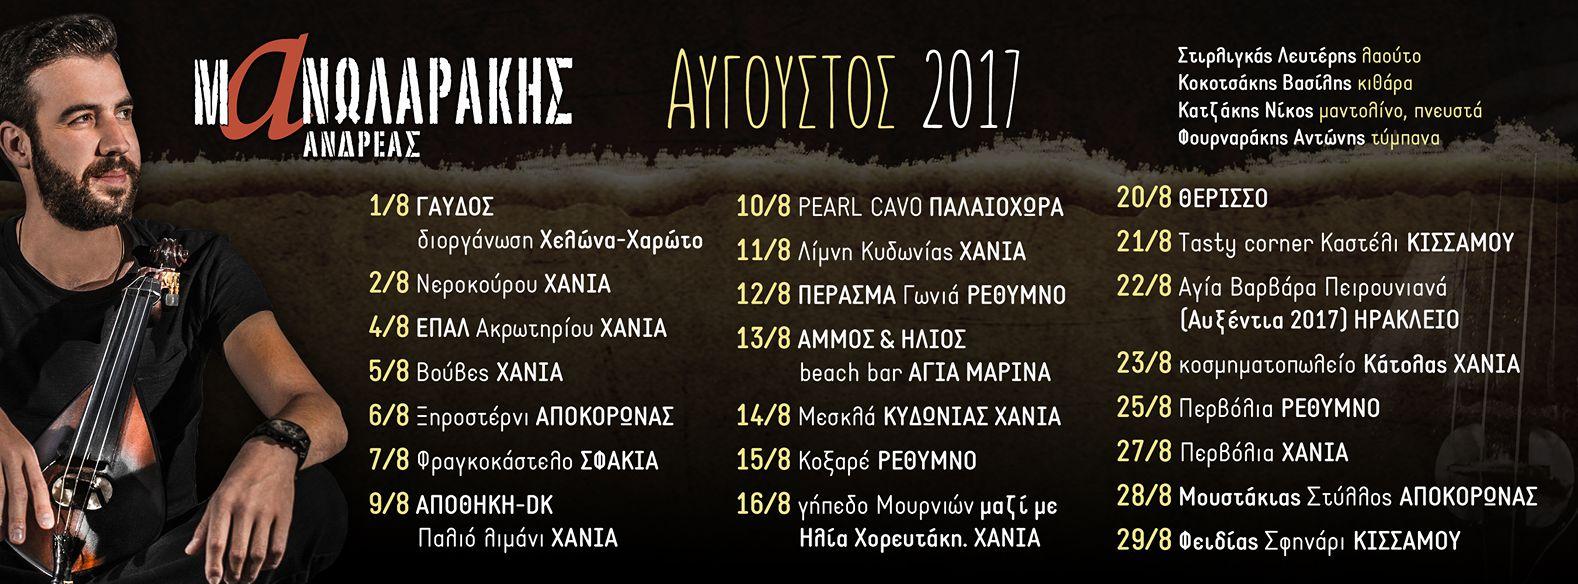 Δείτε της Κρητικές Βραδιές του Ανδρέα Μανωλαράκη τον Αύγουστο 2017